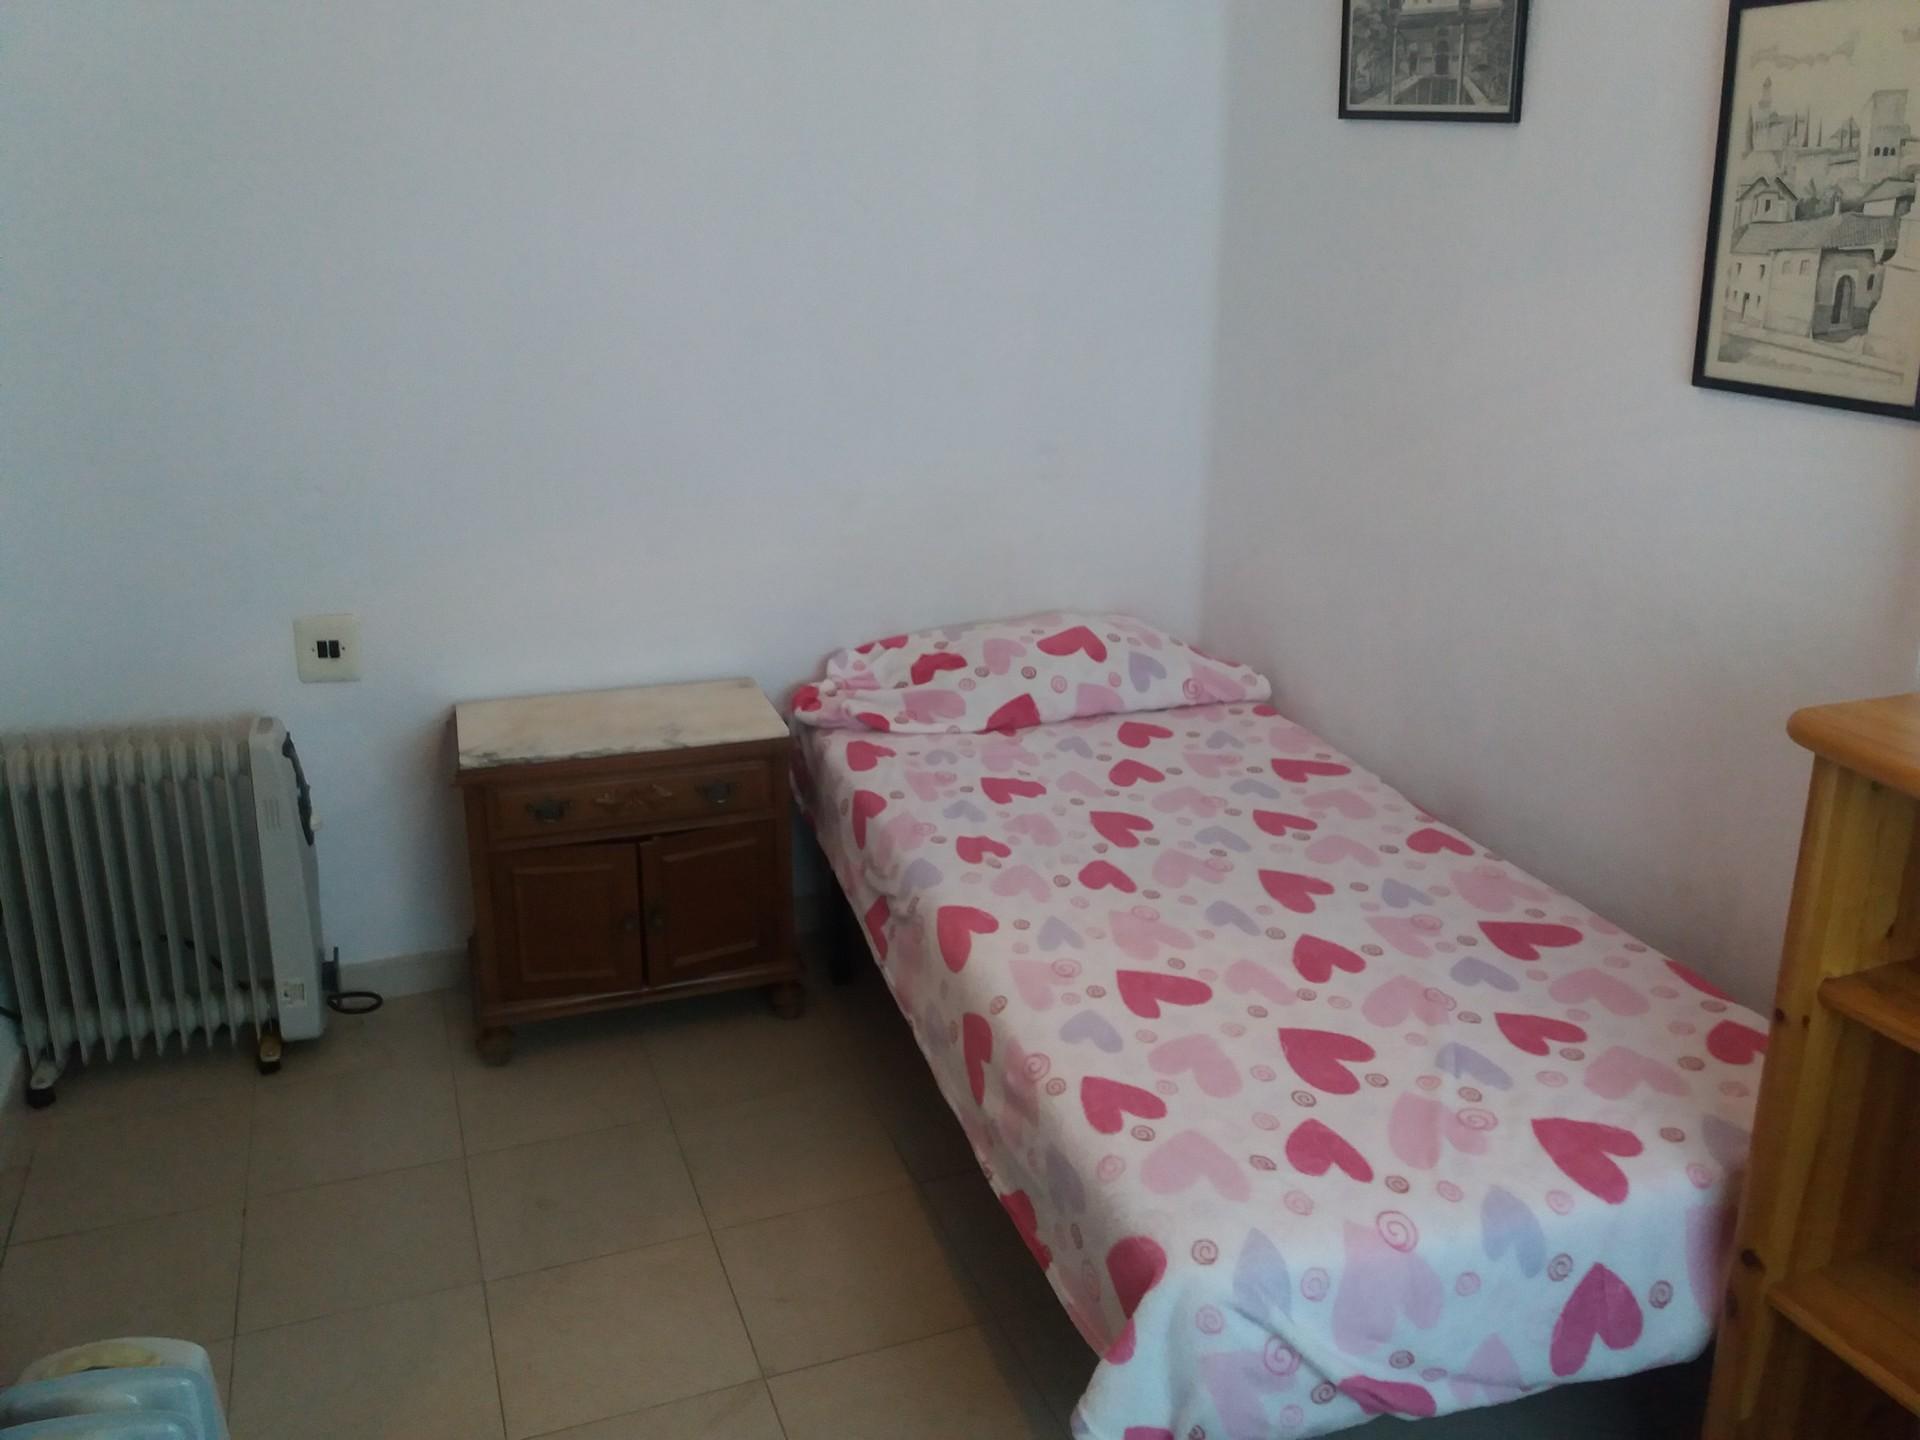 Se alquila habitación en piso soleado y tranquilo en zona de zai